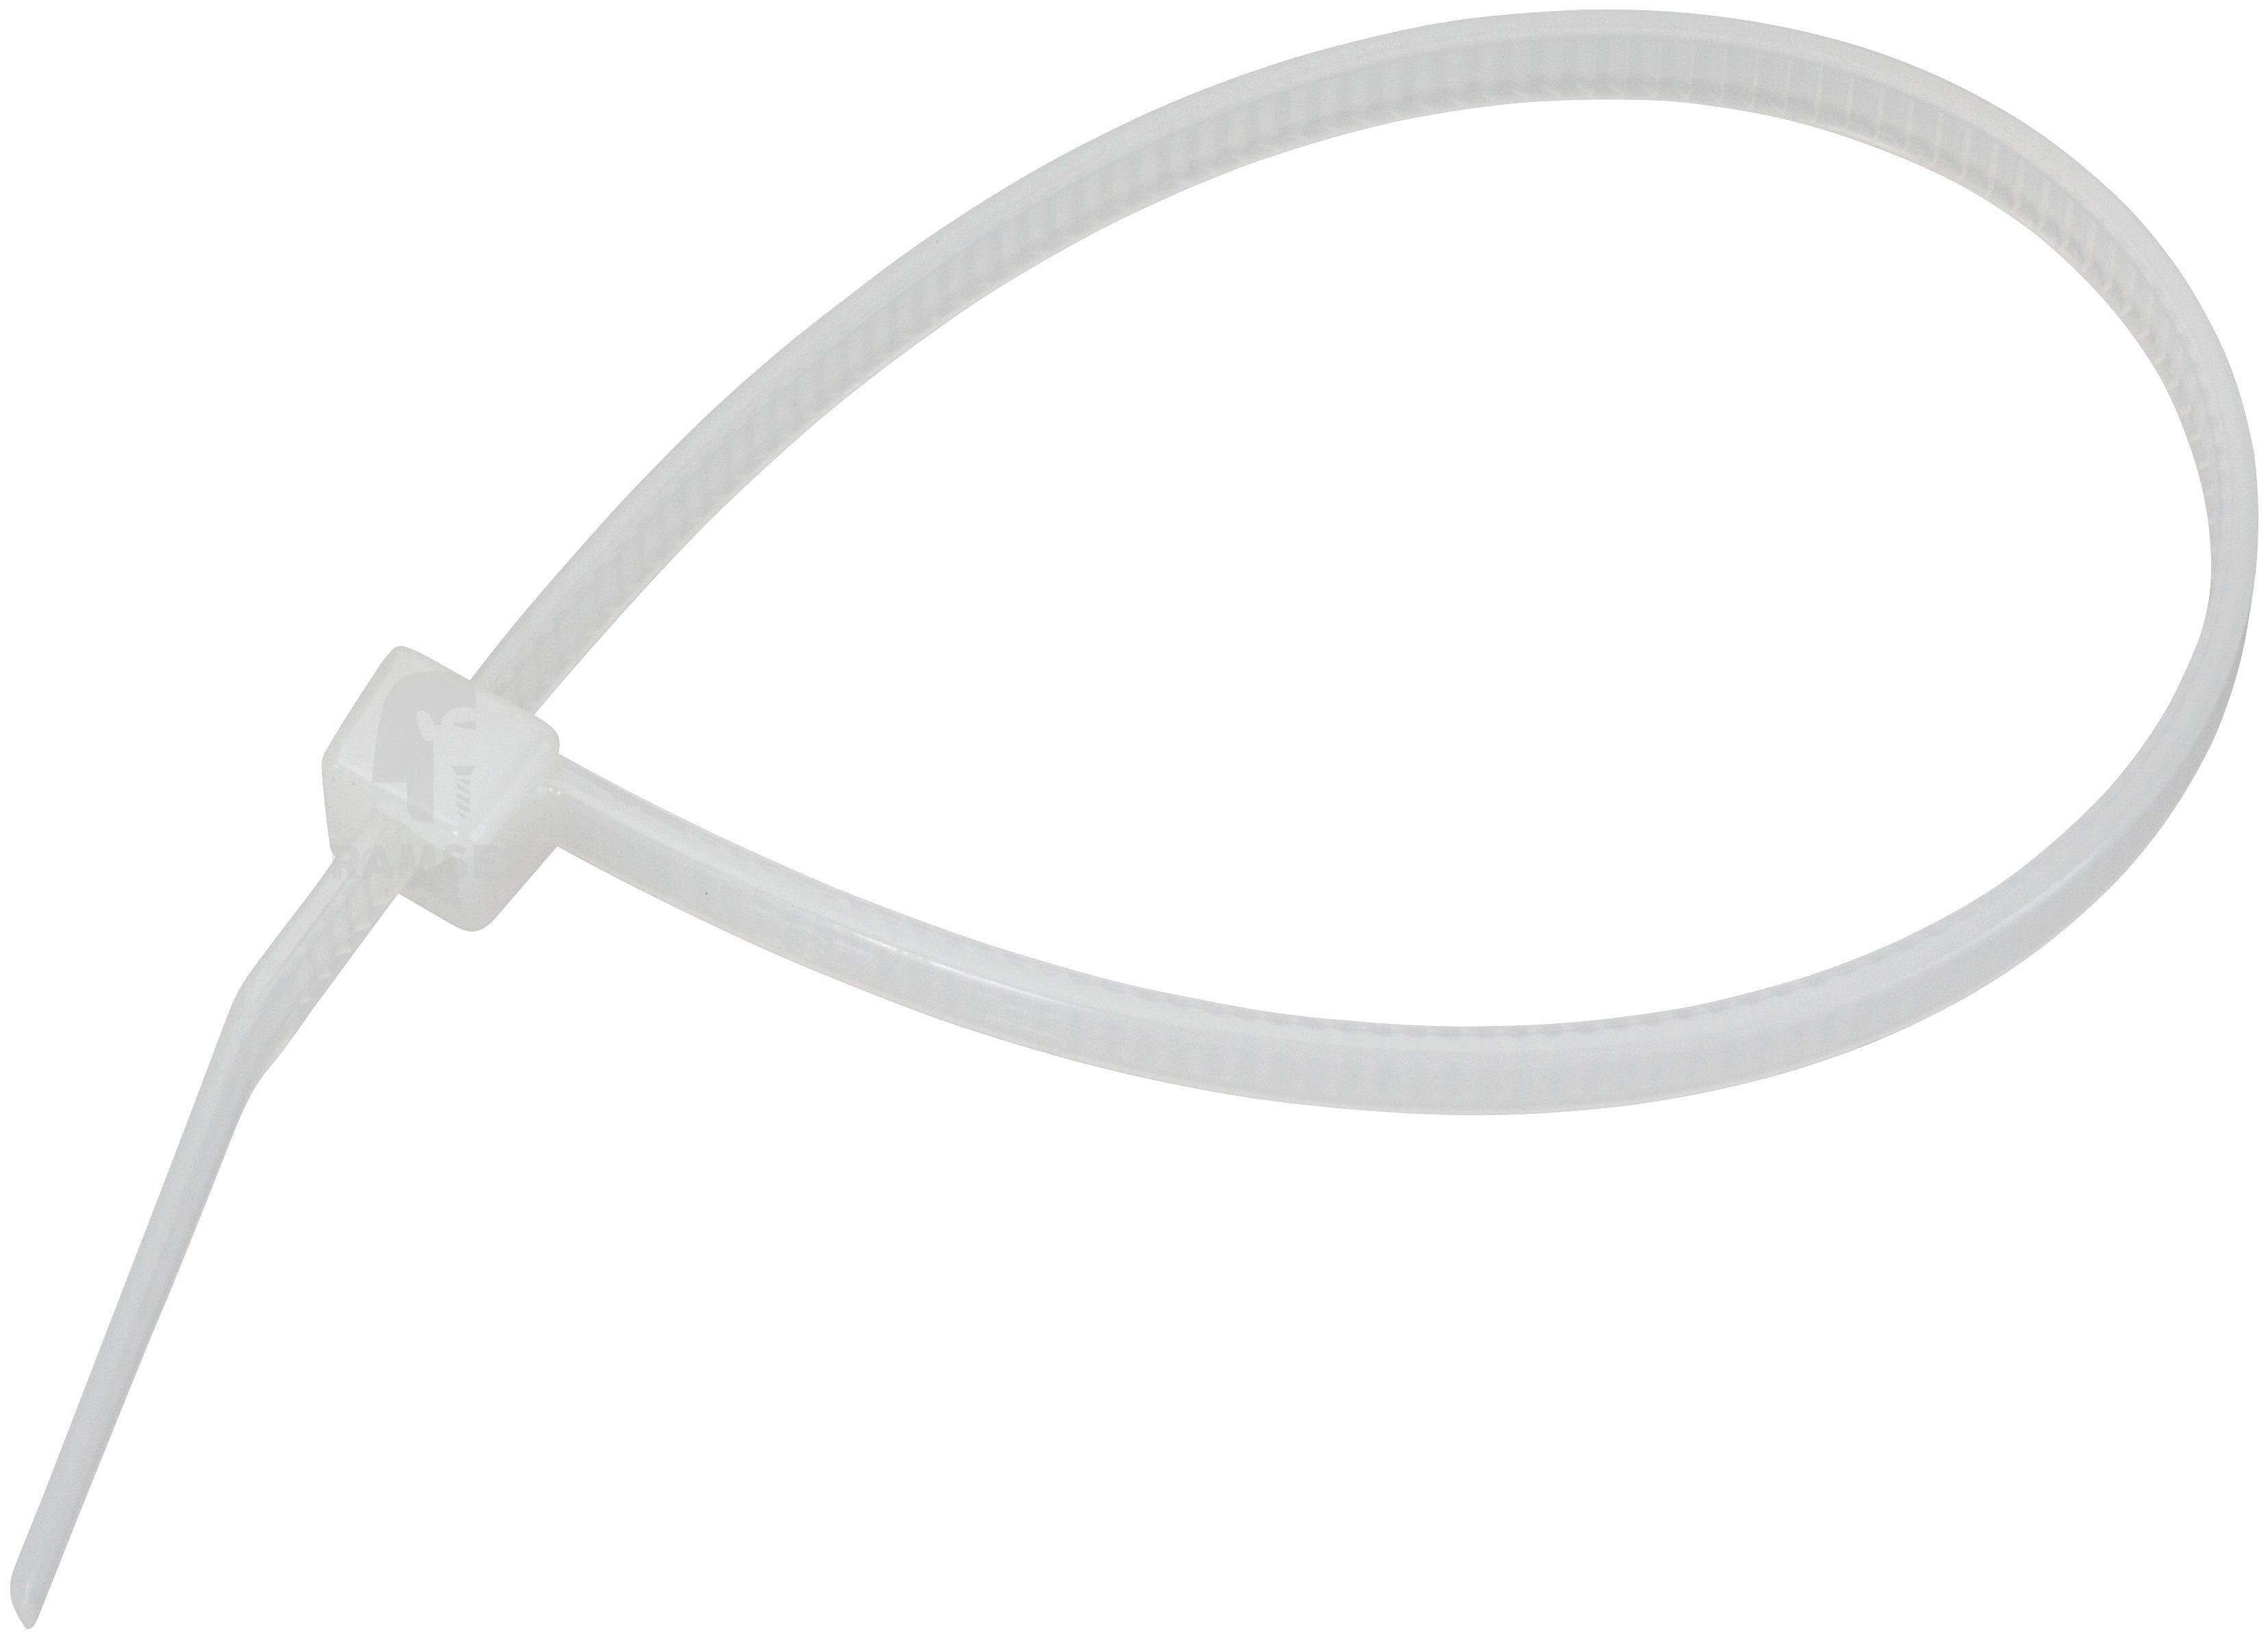 RAMSES Kabelbinder , mit Kunststoffzunge Weiß 7,5 x 365 mm Polyamid 100 Stück